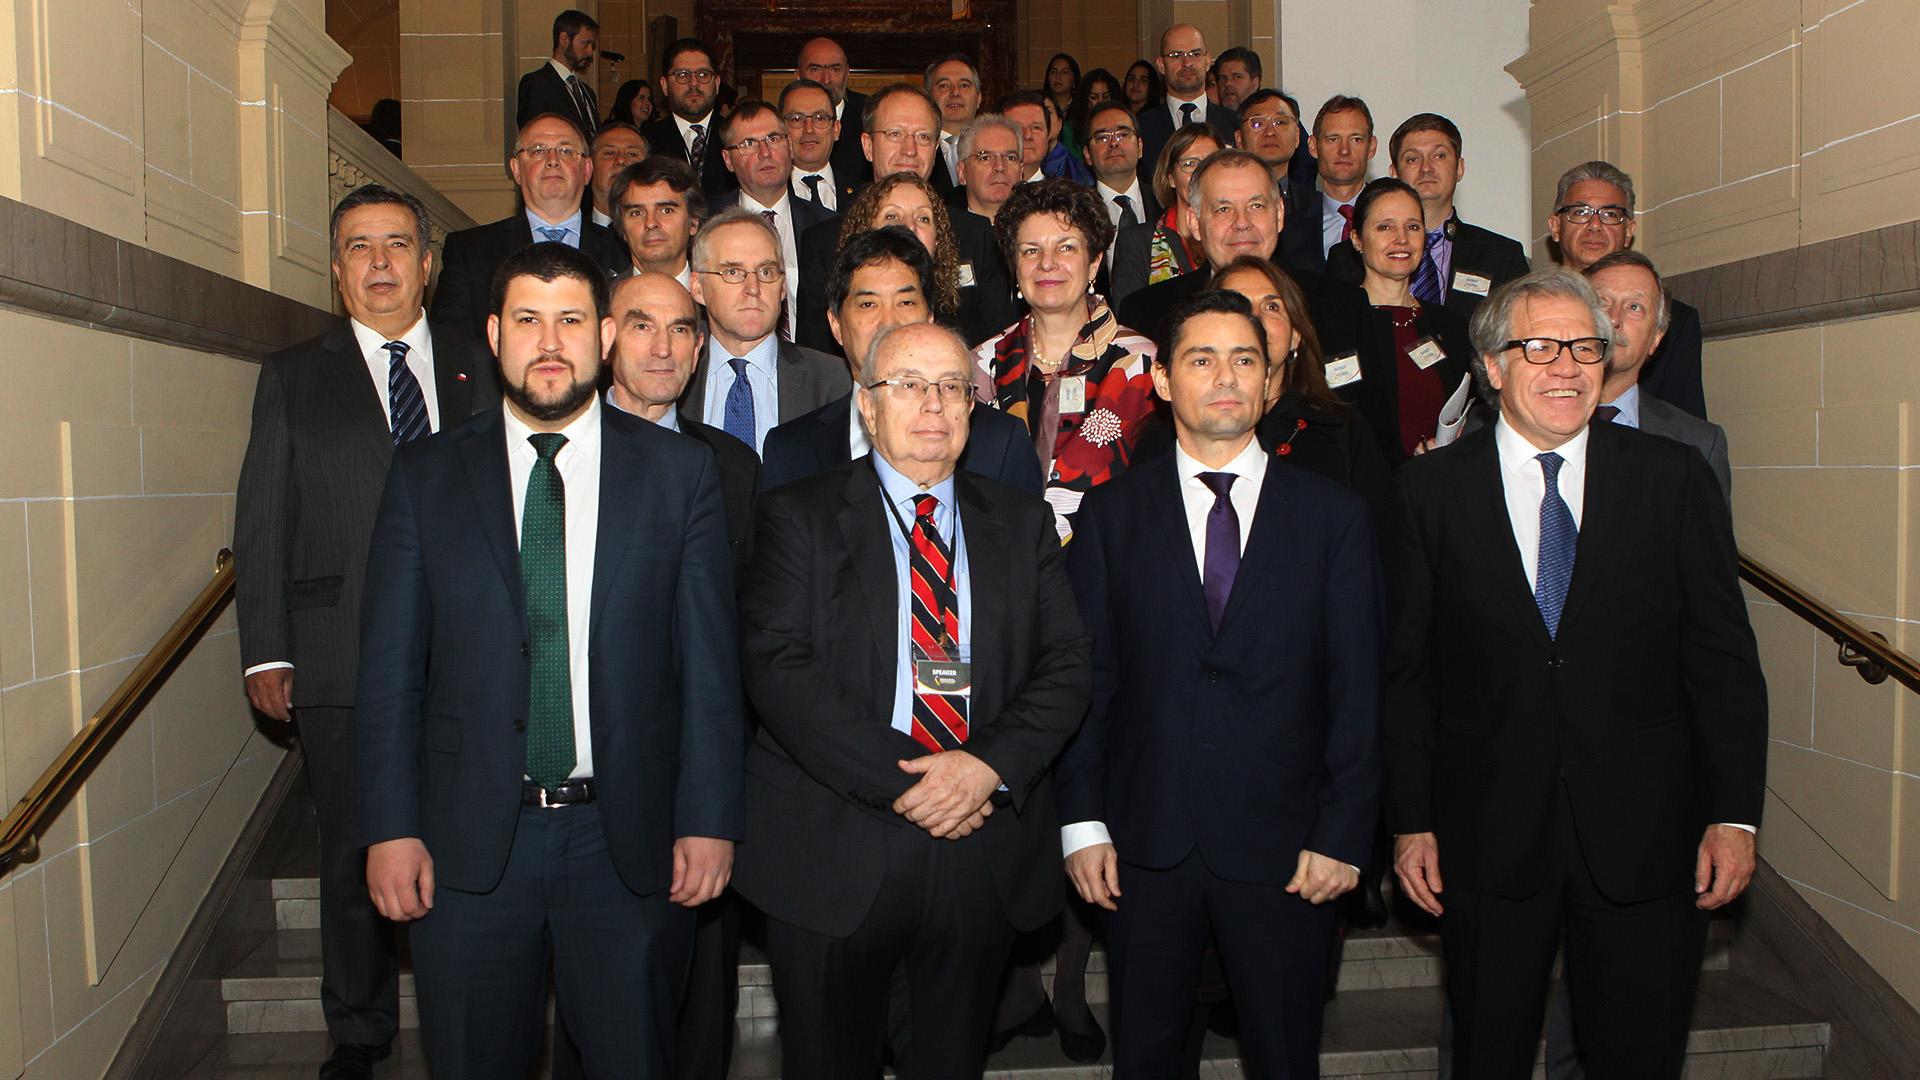 Diplomáticos de todo el continente respaldaron al gobierno de juan Guaidó en la Conferencia sobre ayuda humanitaria desarrollada en la sede de la OEA